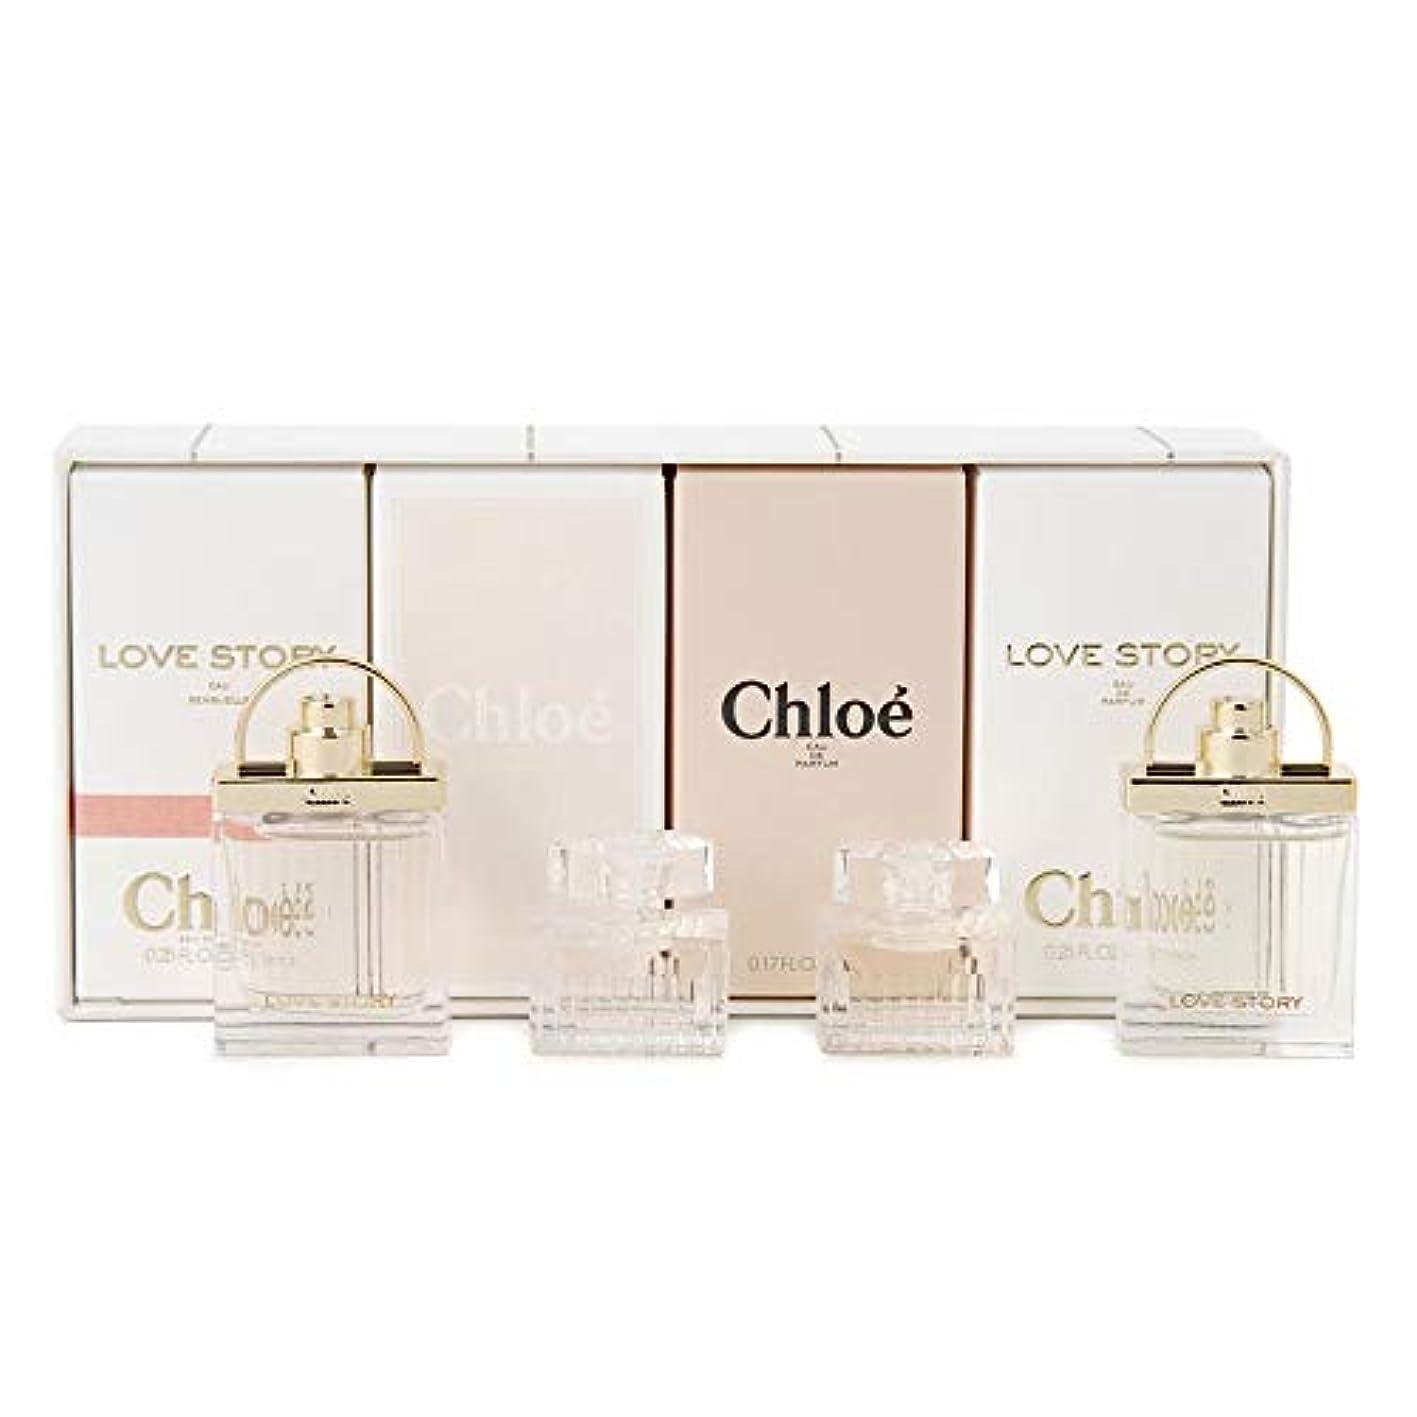 継承同意する上級クロエ CHLOE クロエ 香水 ミニチュア セット レディース フレグランス ミニボトル 女性用 [オードパルファム、ラブストーリー] [並行輸入品]